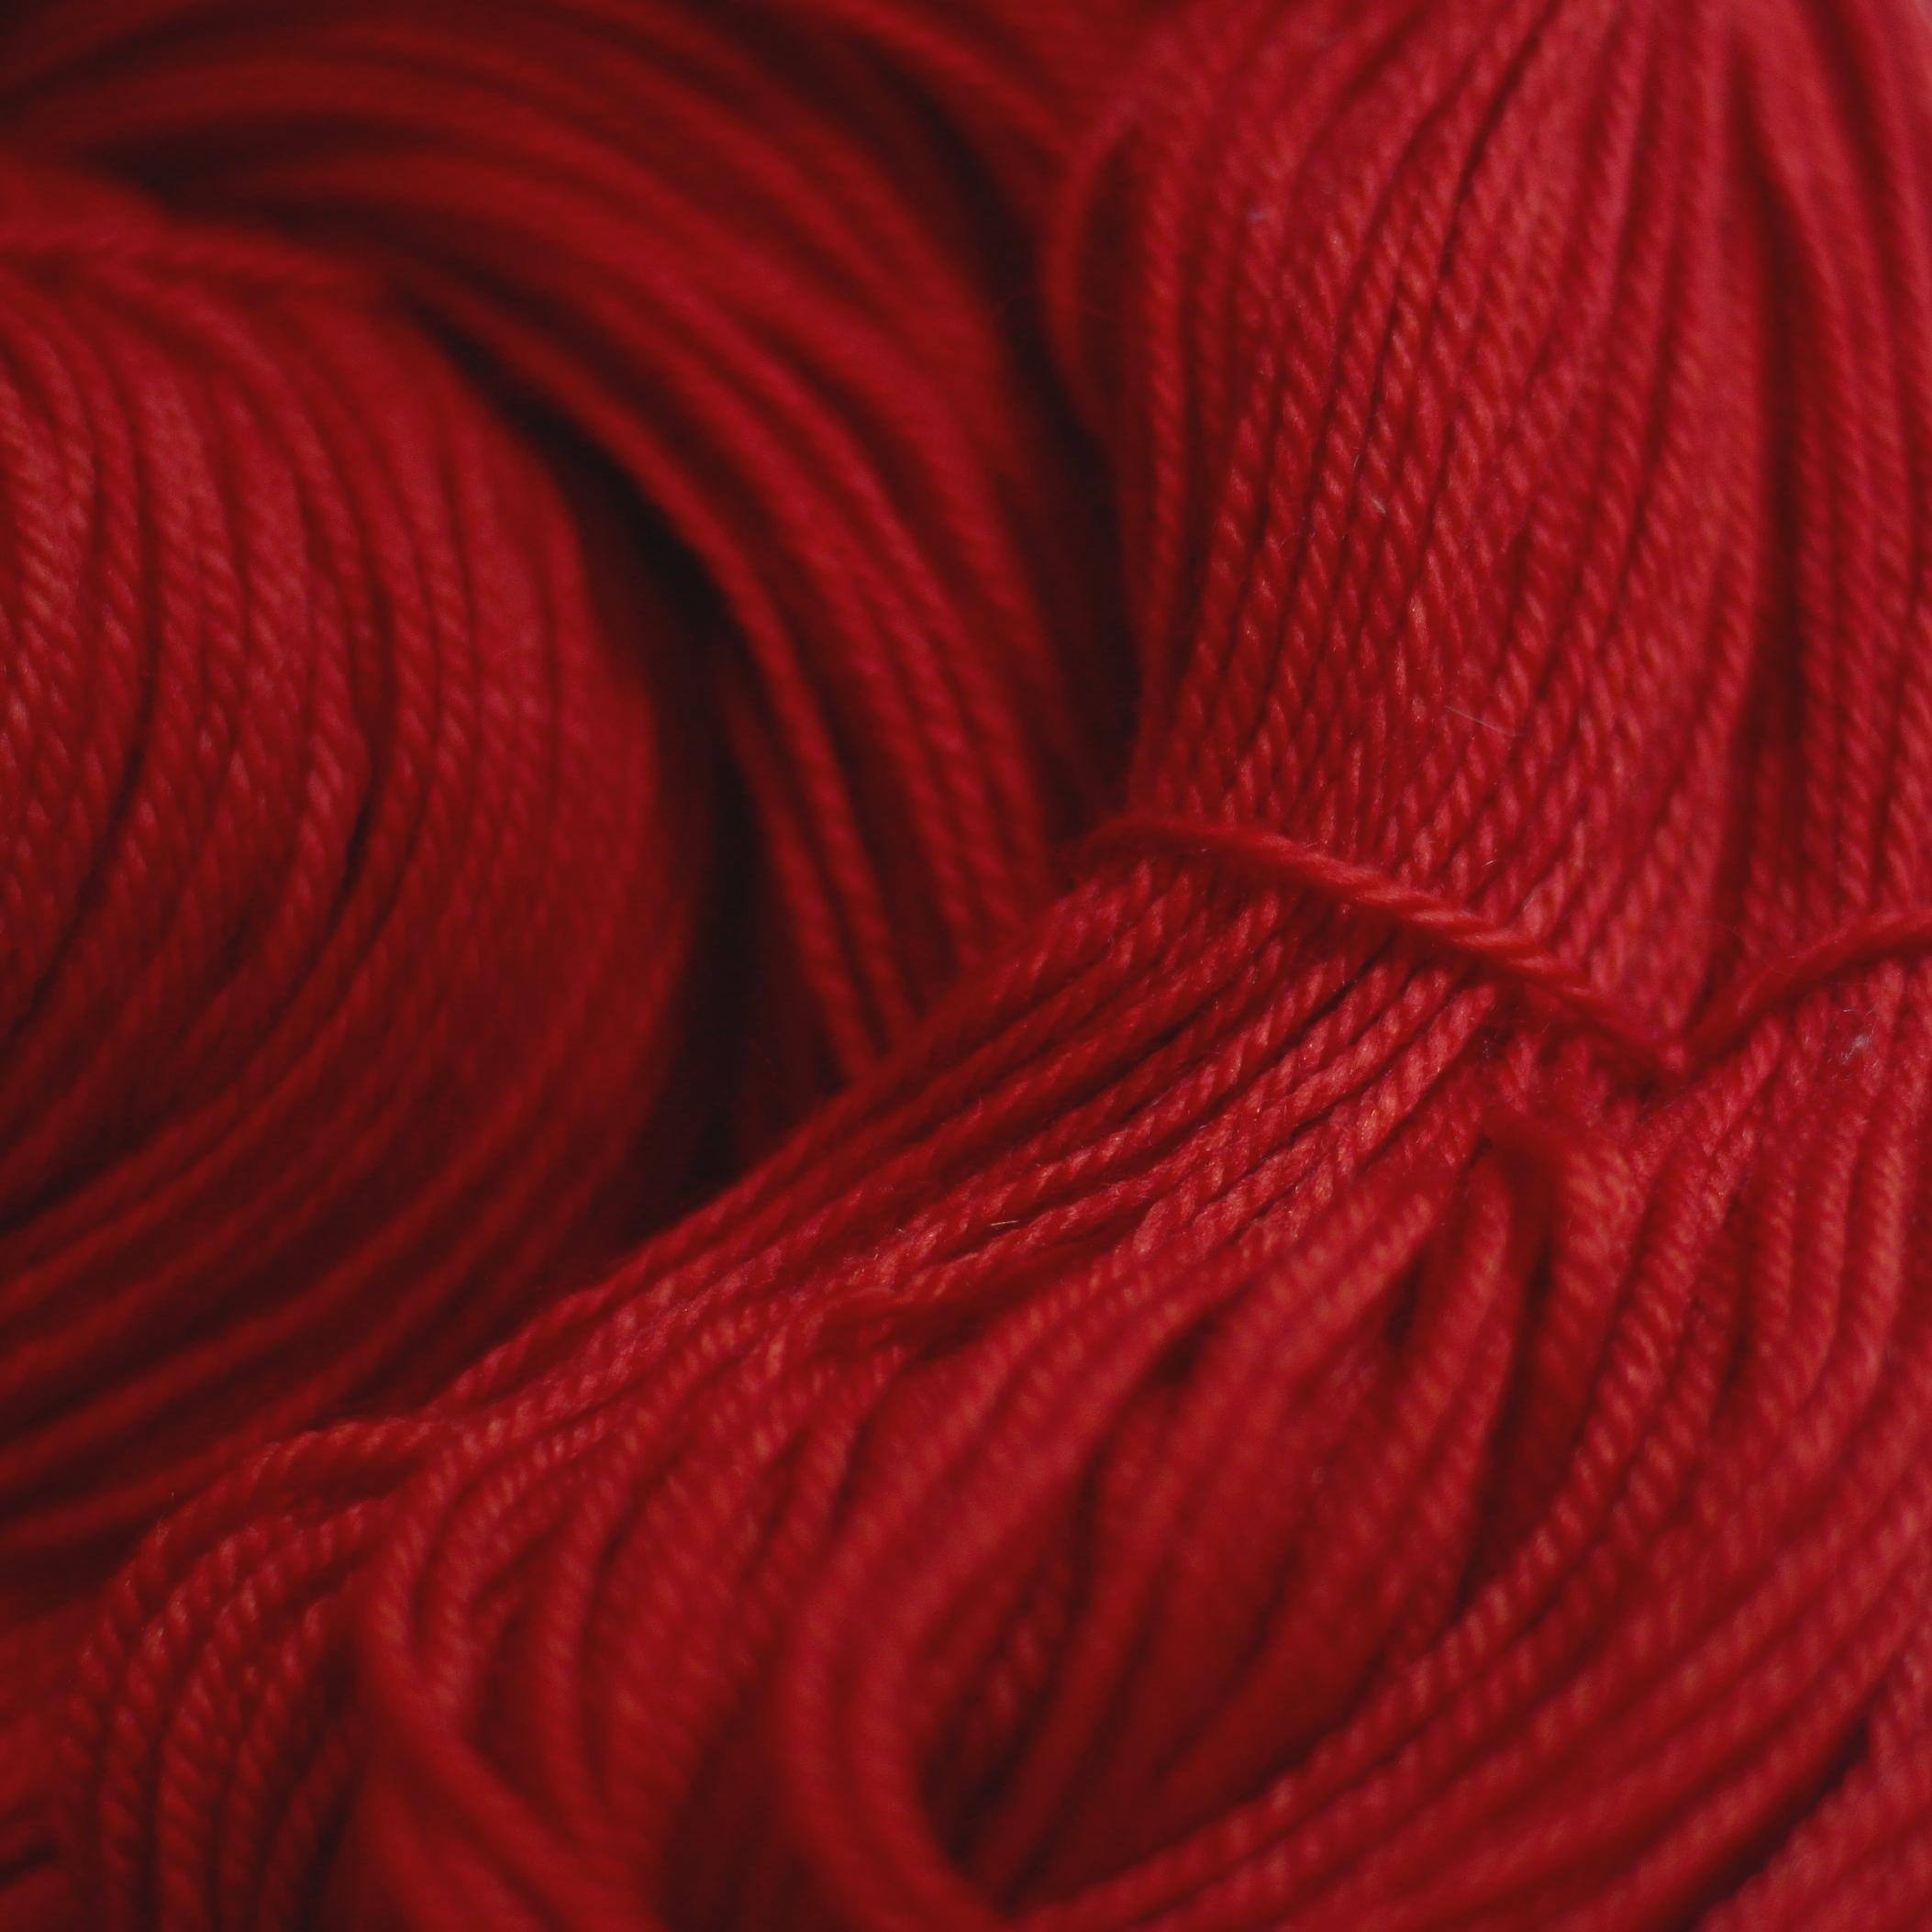 DYER'S RED     Madder   Rubia tinctorum